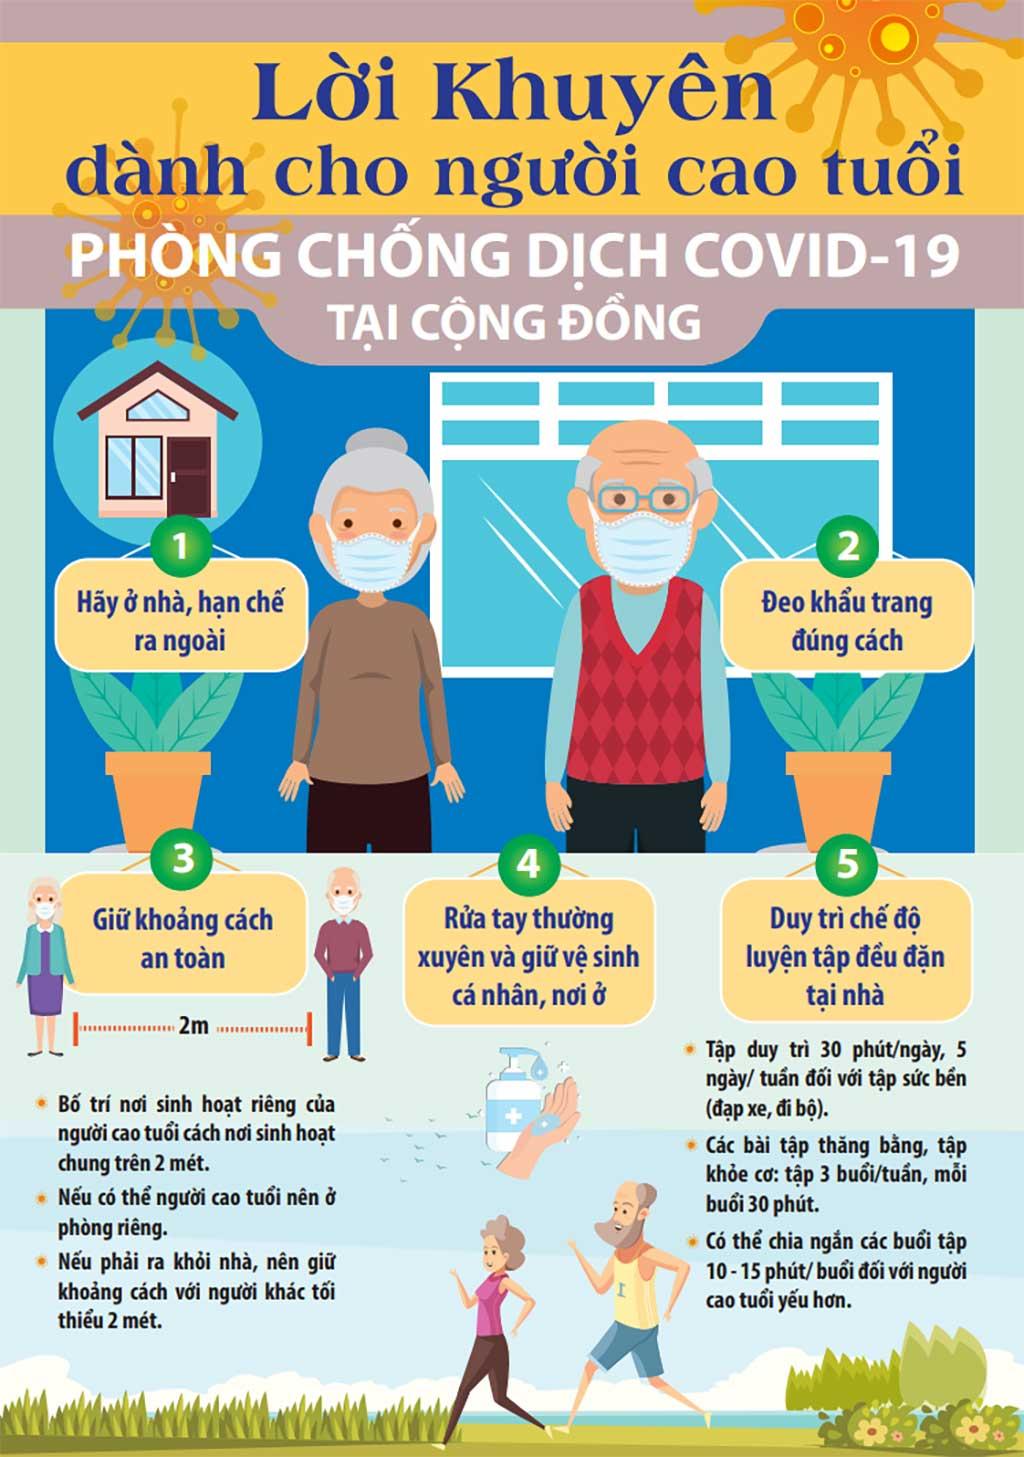 Lời khuyên dành cho người cao tuổi phòng chống dịch Covid-19 tại cộng đồng